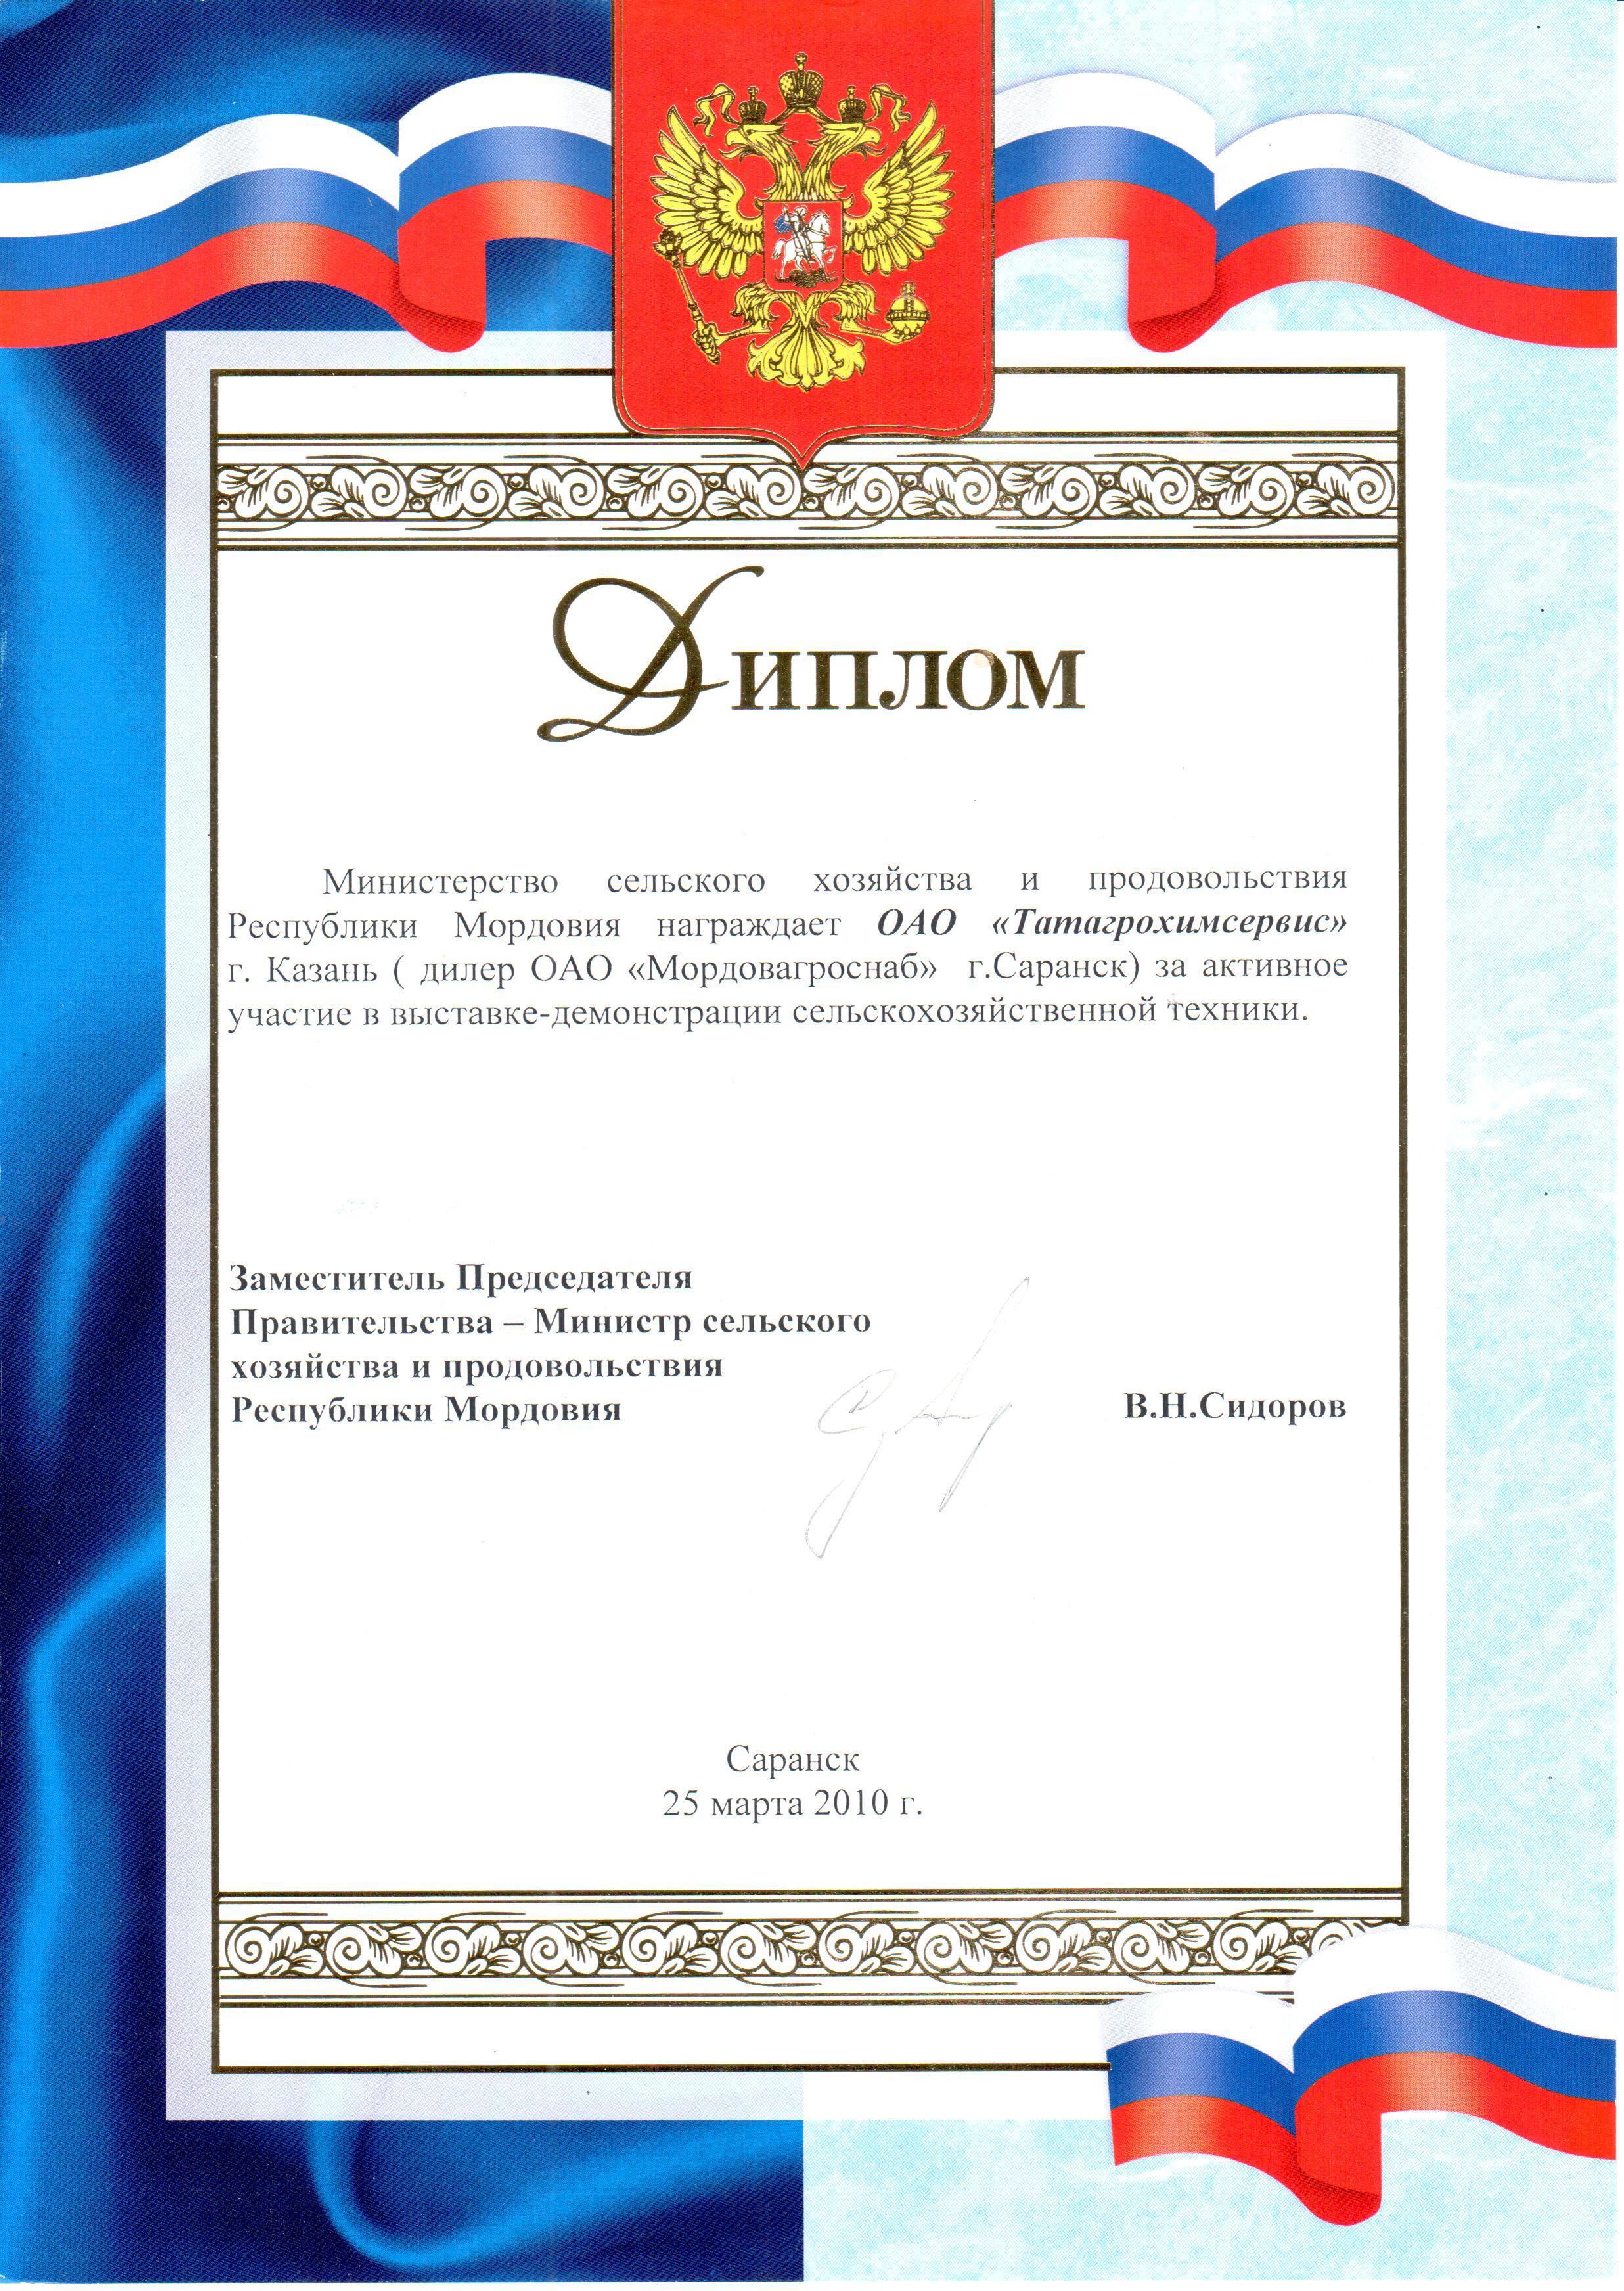 Дипломы и награды ОАО Татагрохимсервис  Диплом от Министерства сельского хозяйства Республики Мордовия 2010 год